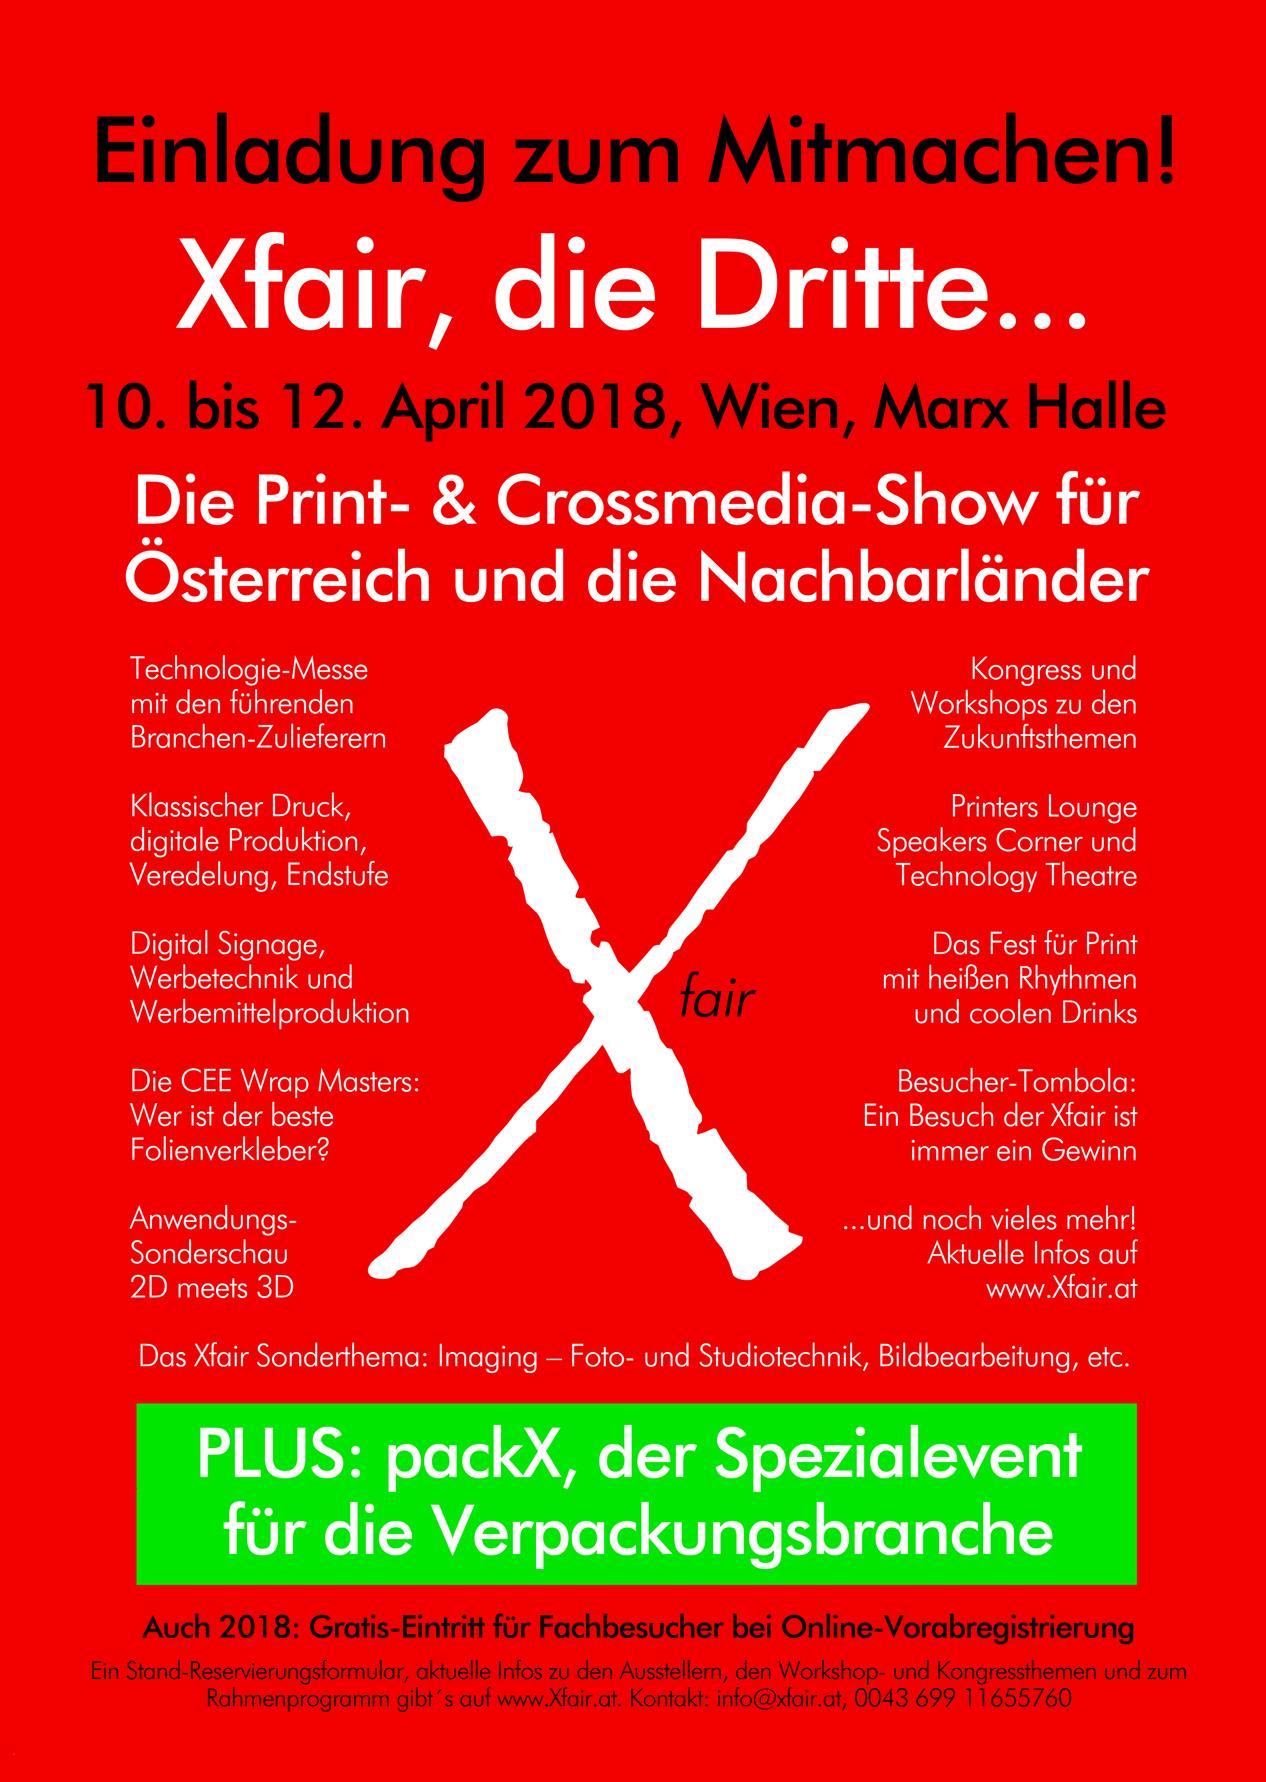 Xfair 2018 Inserat zum Mitmachen OK LOW